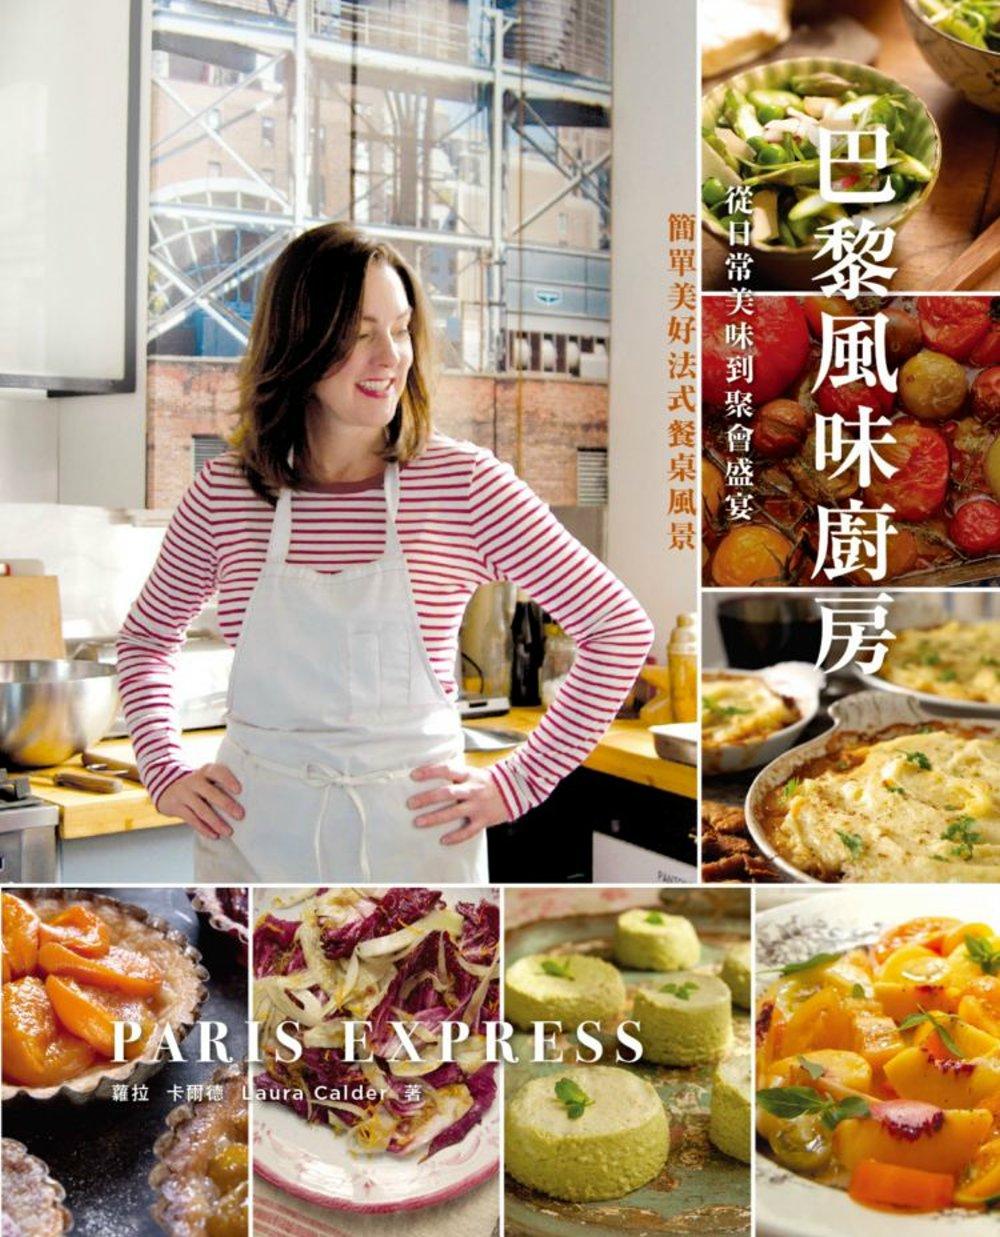 巴黎風味廚房:從日常美味到聚會盛宴,簡單美好法式餐桌風景